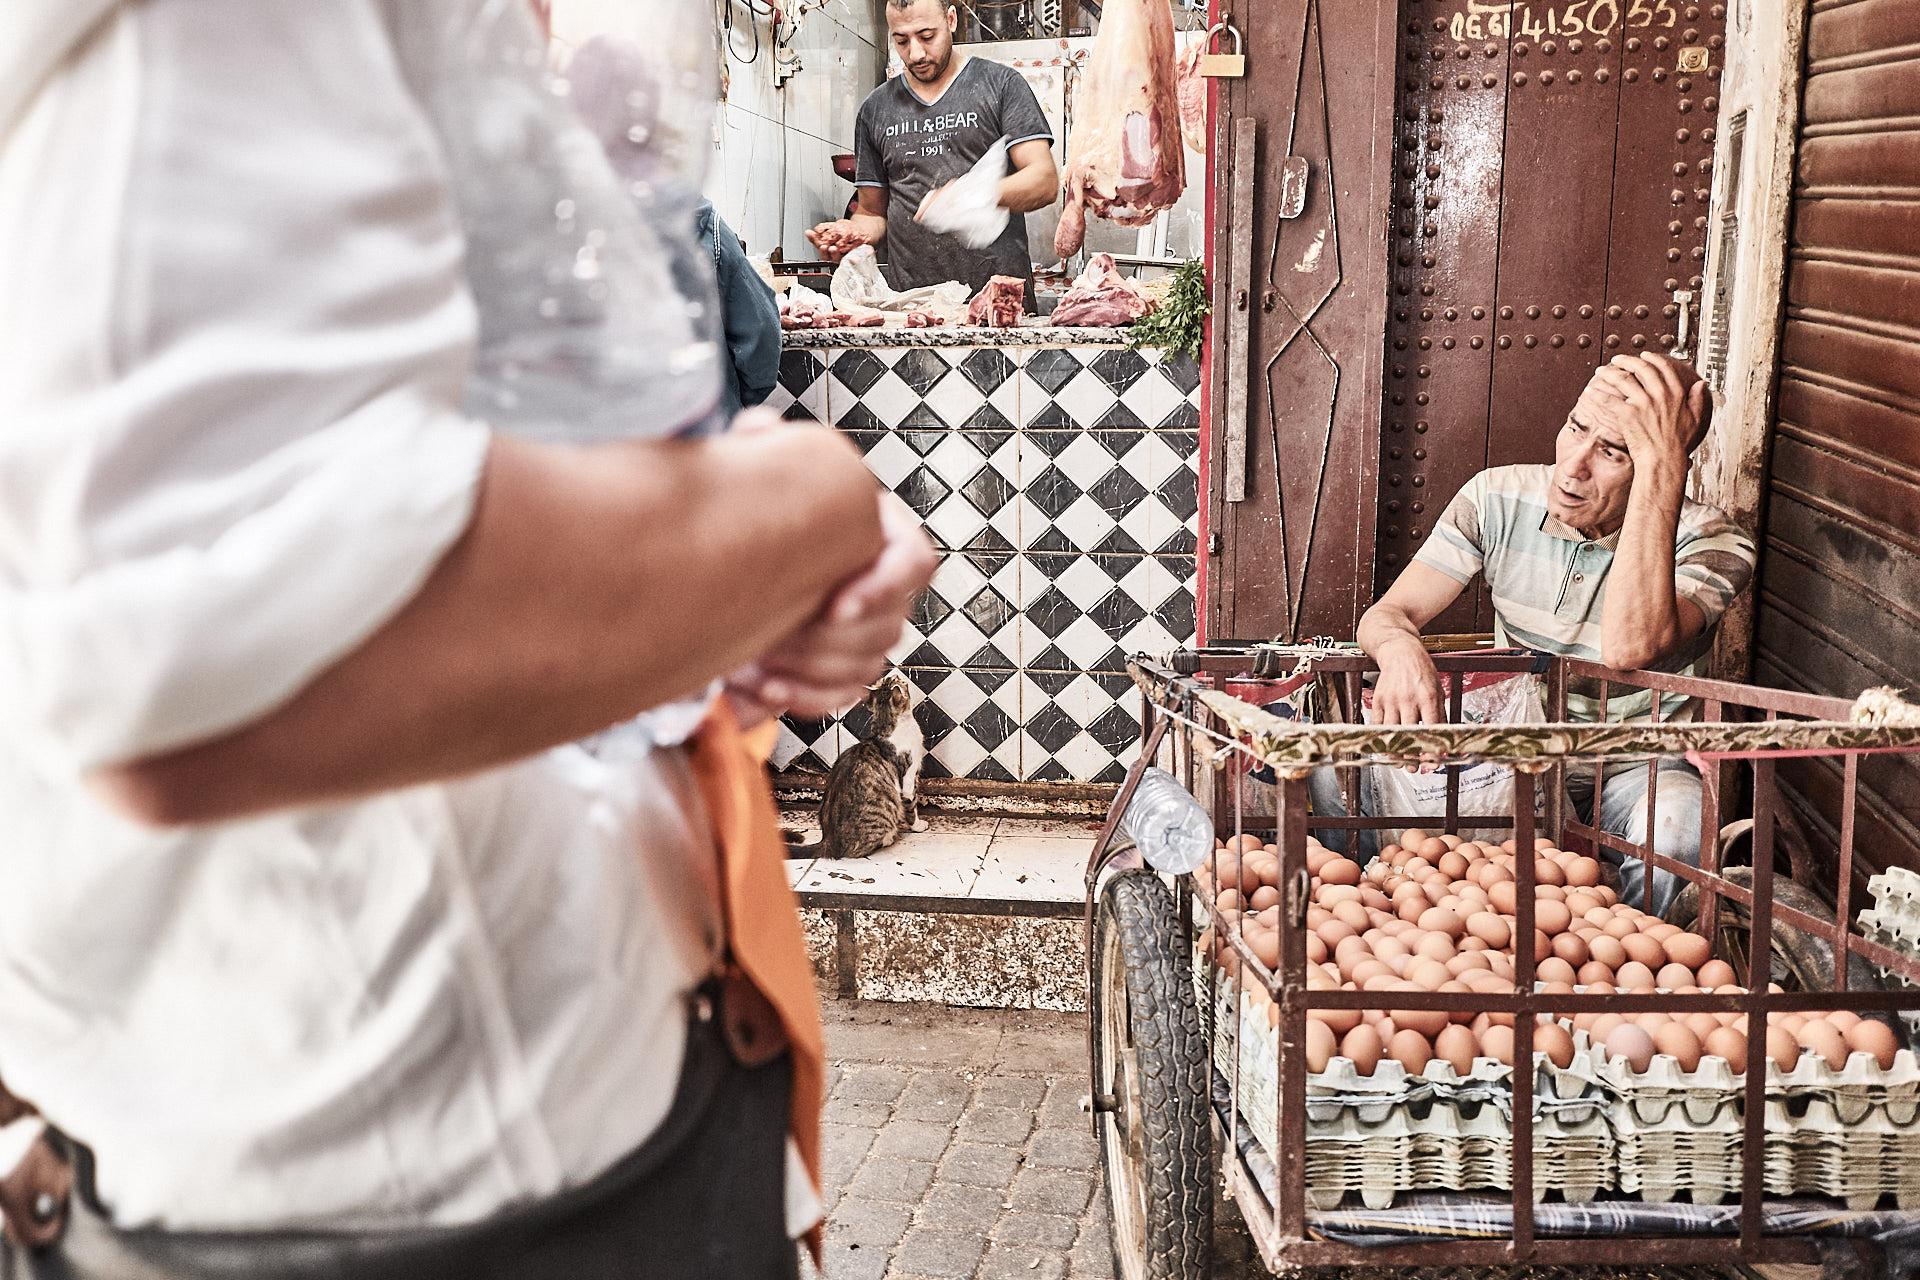 Eierhändler vor Fleischer